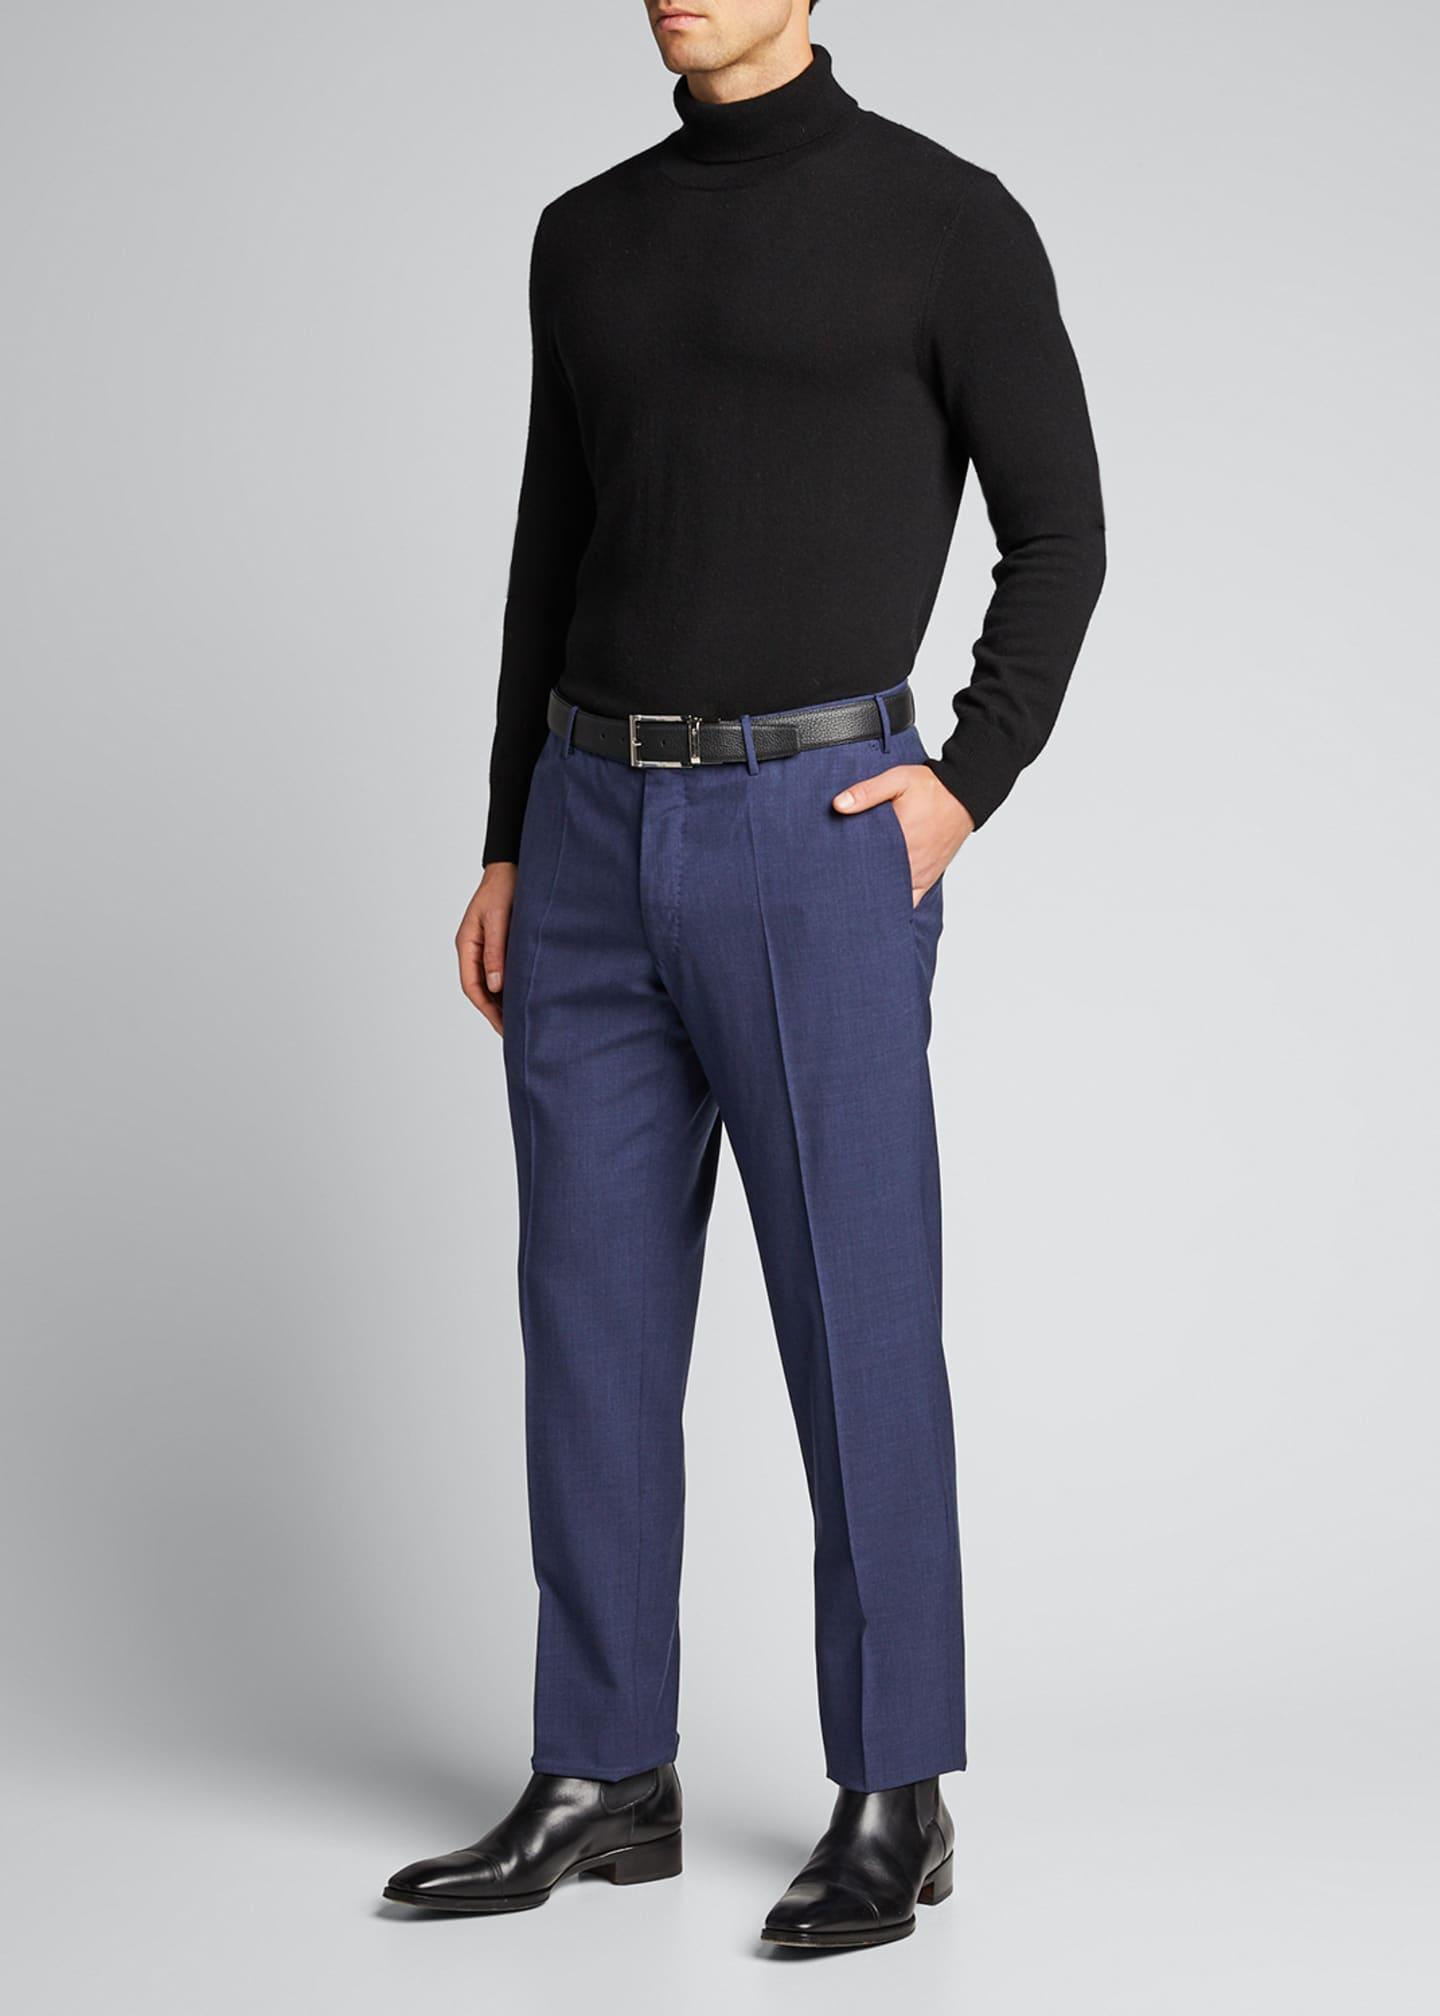 Incotex Men's Bi-Stretch Tech-Wool Pants